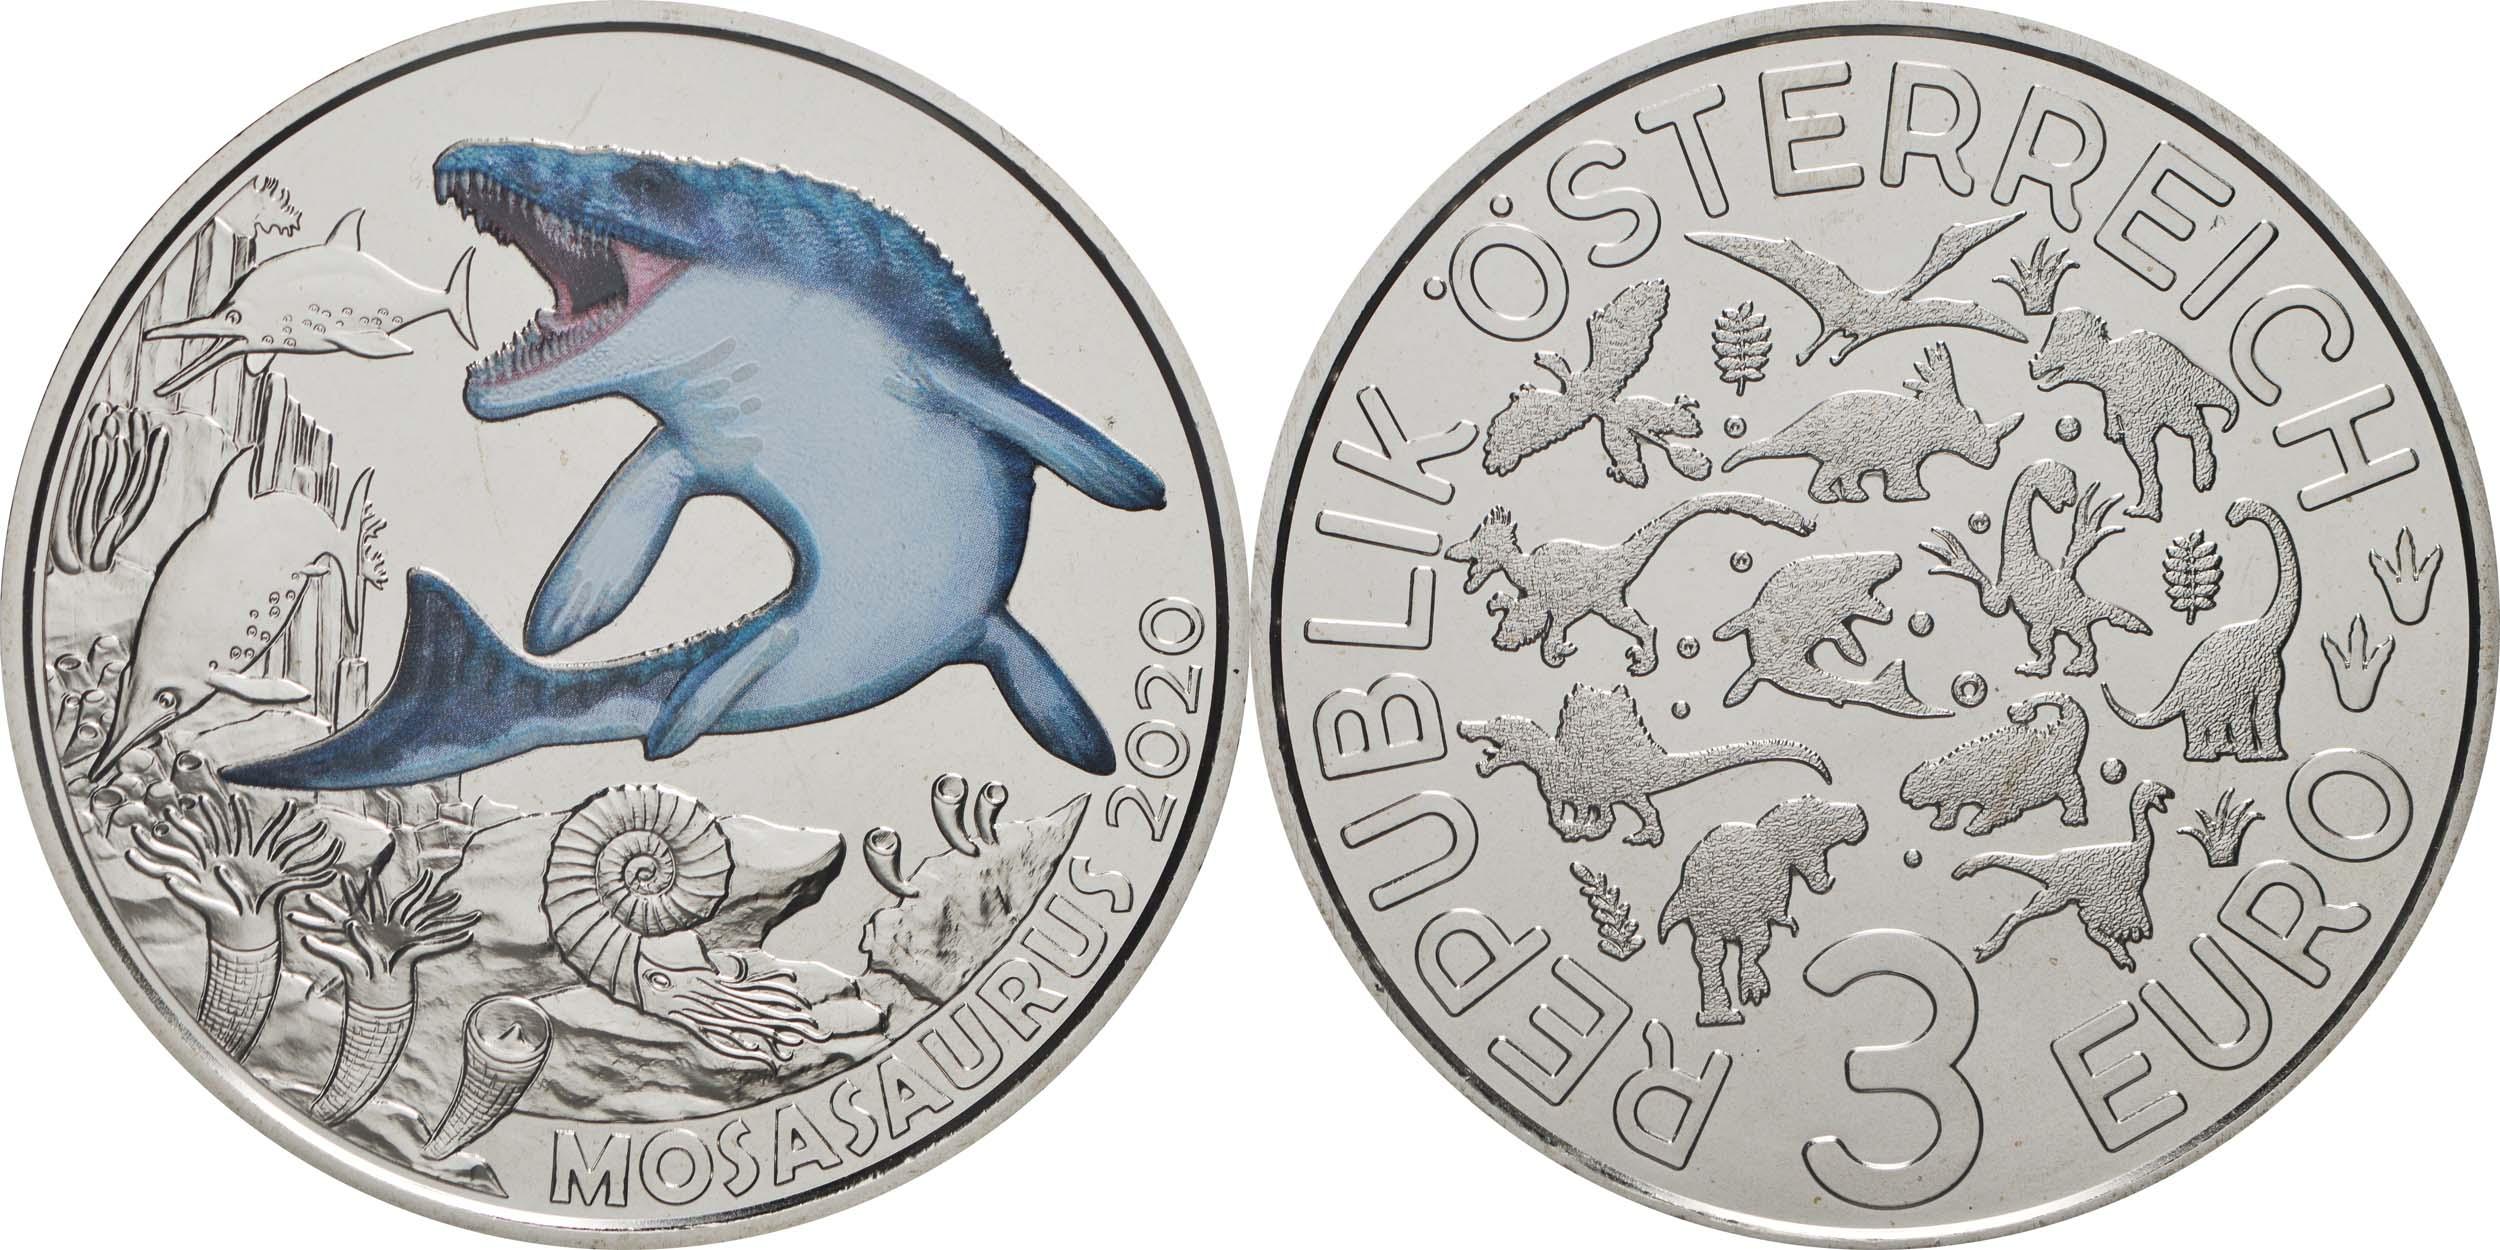 Lieferumfang:Österreich : 3 Euro Mosasaurus hoffmanni - der größte Meeressaurier #2  2020 Stgl.